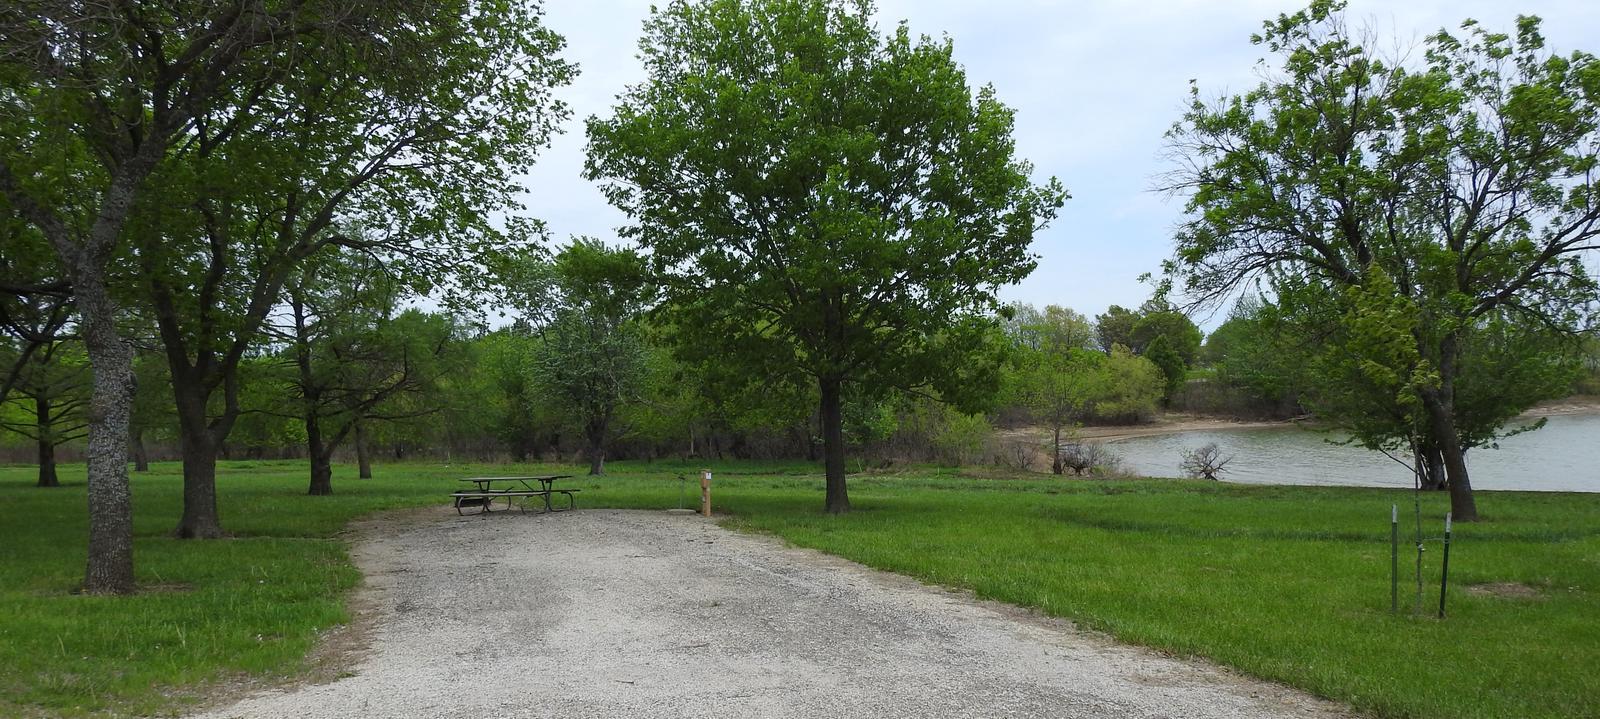 Site 4 in Turkey Point Campground